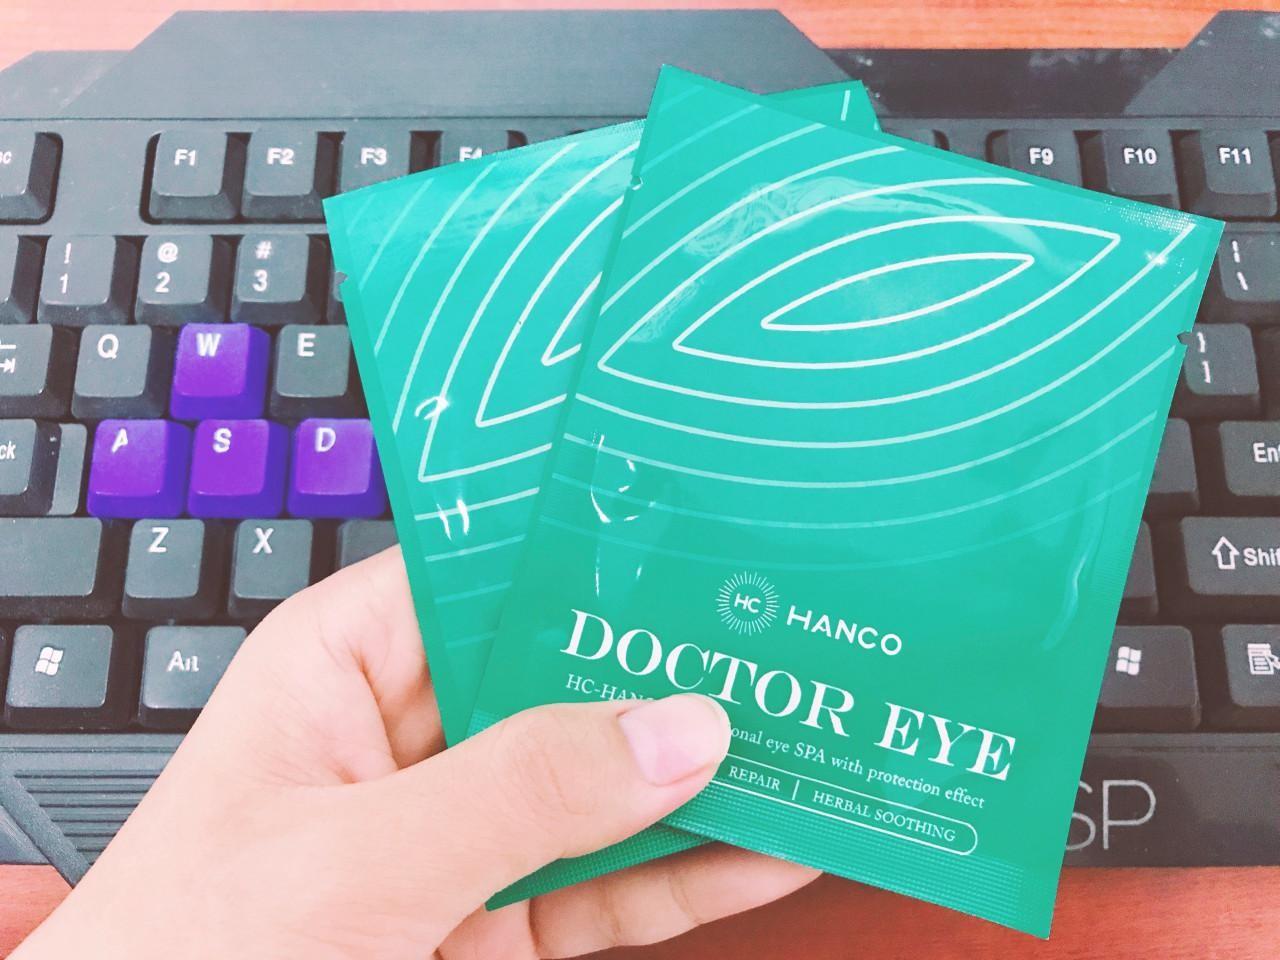 Doctor Eye HC Hanco tốt cho sức khỏe của đôi mắt mọi đối tượng